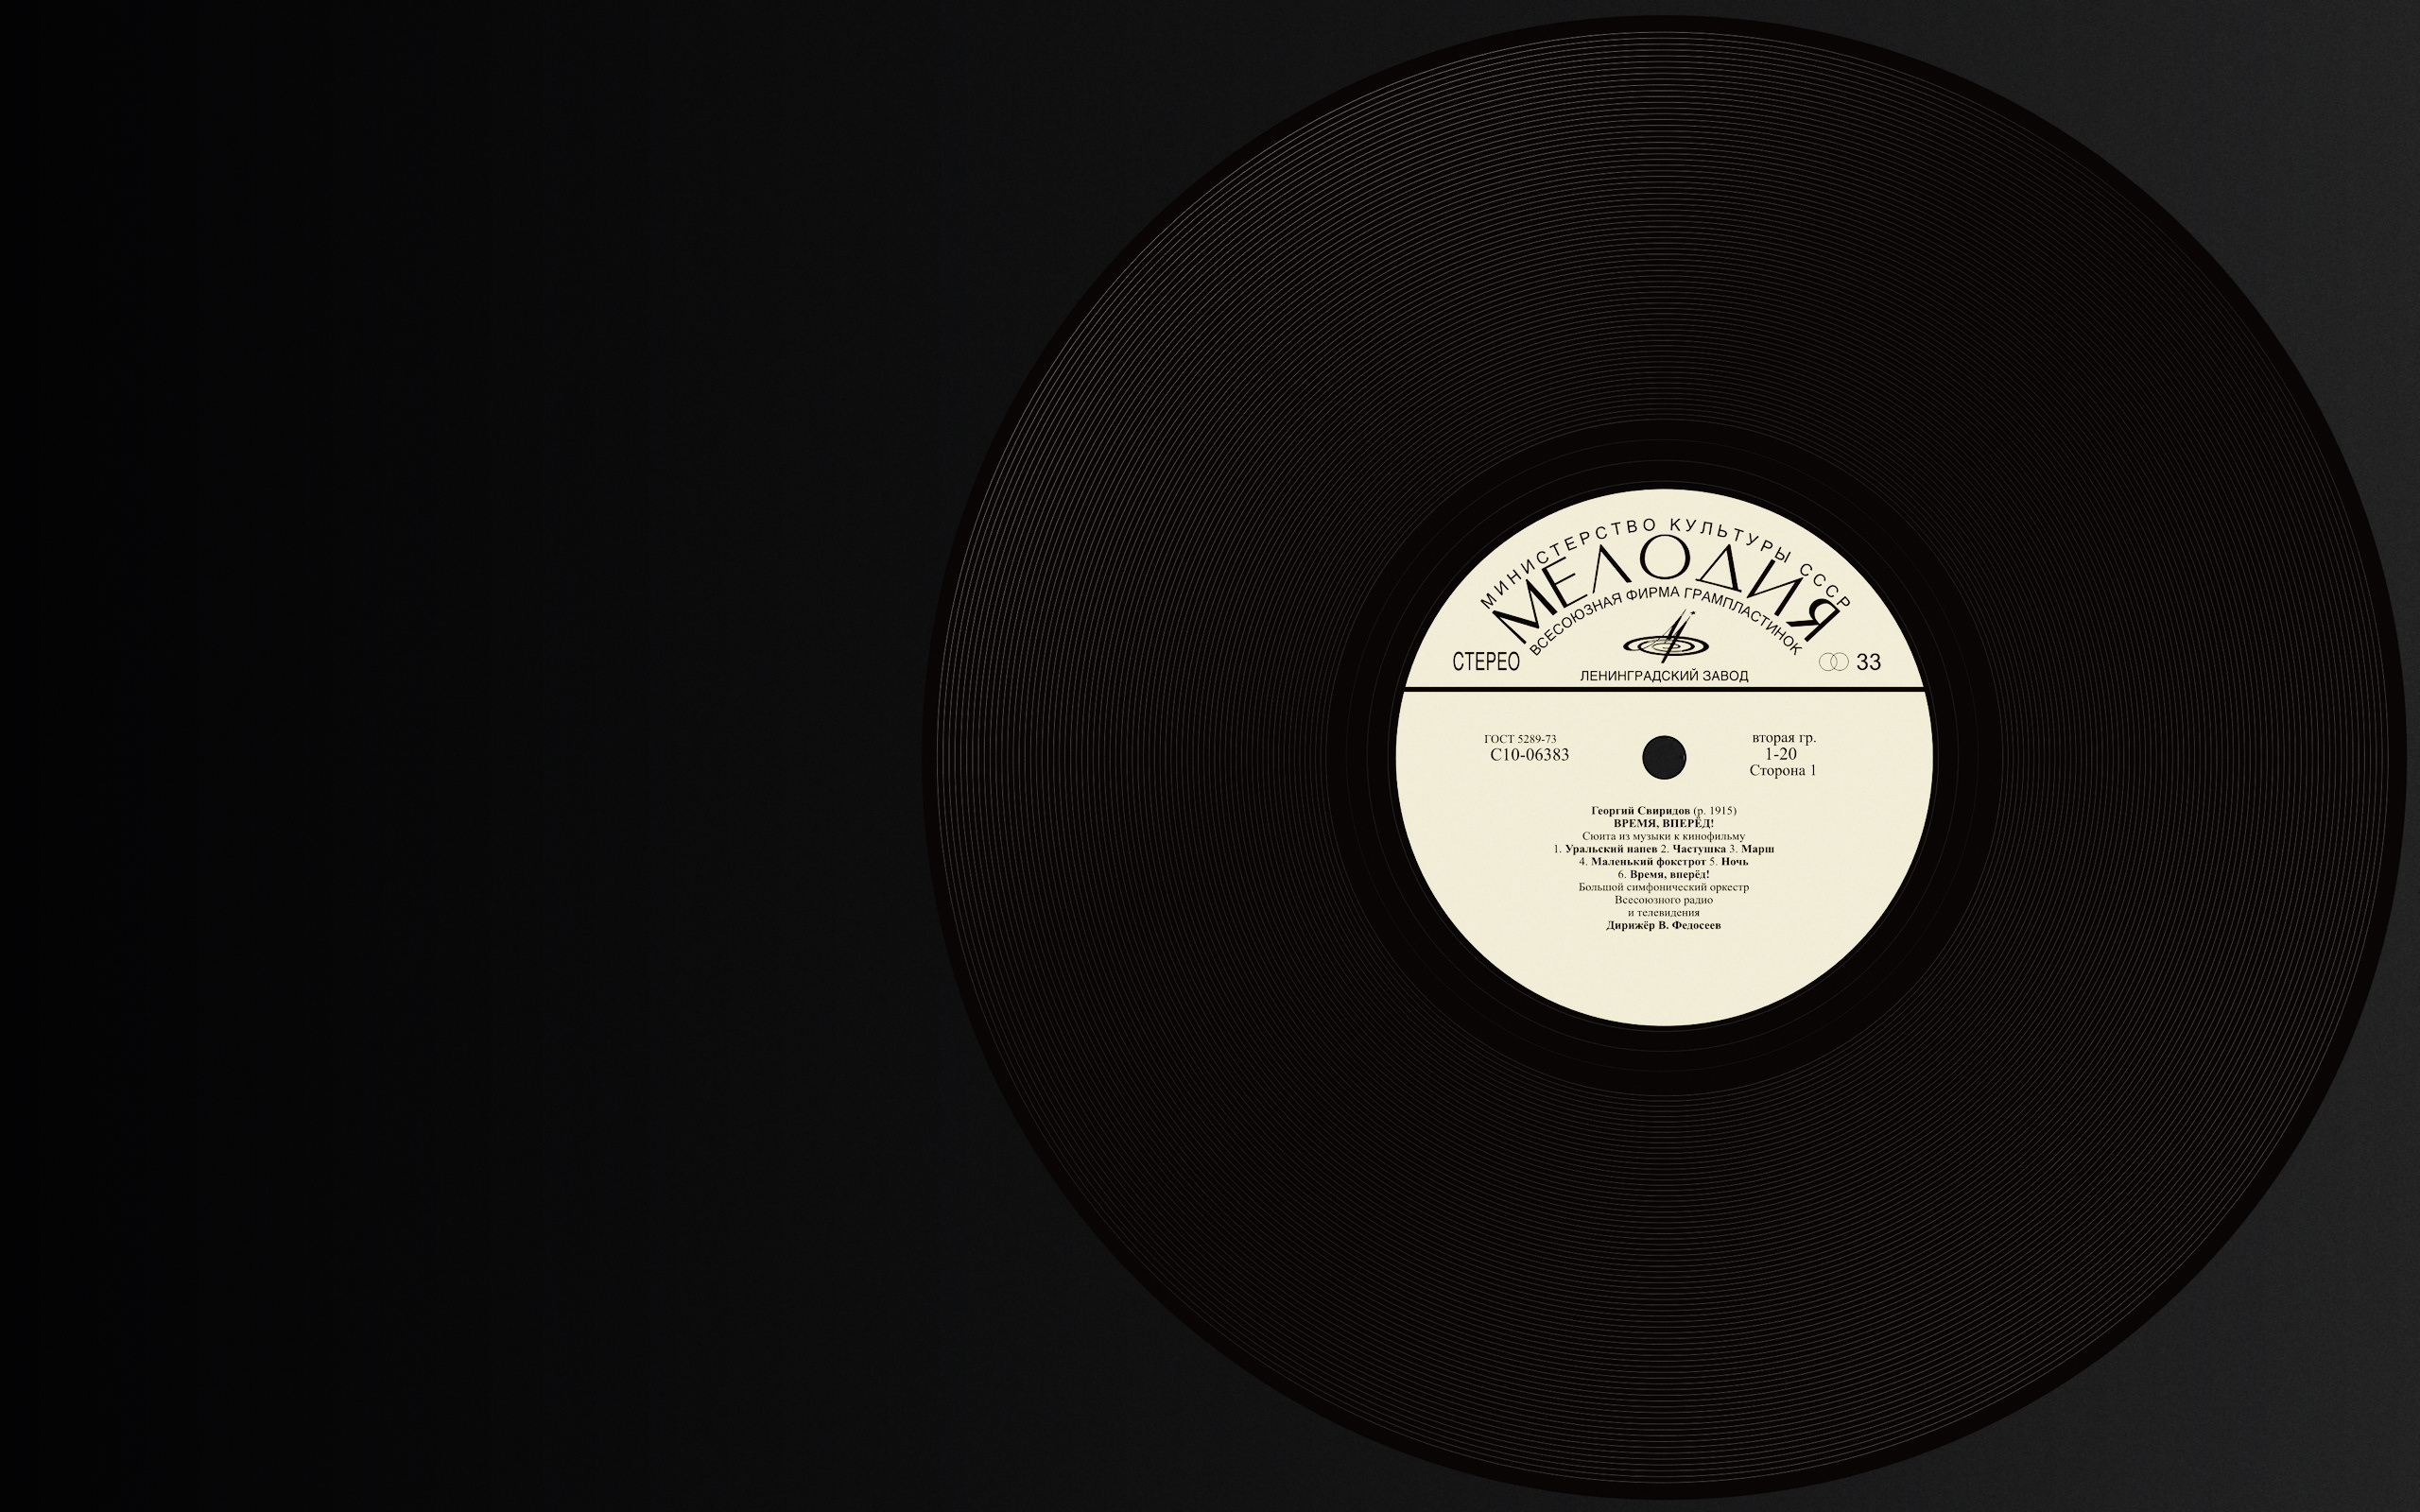 Vinyl Record wallpaper 2560x1600